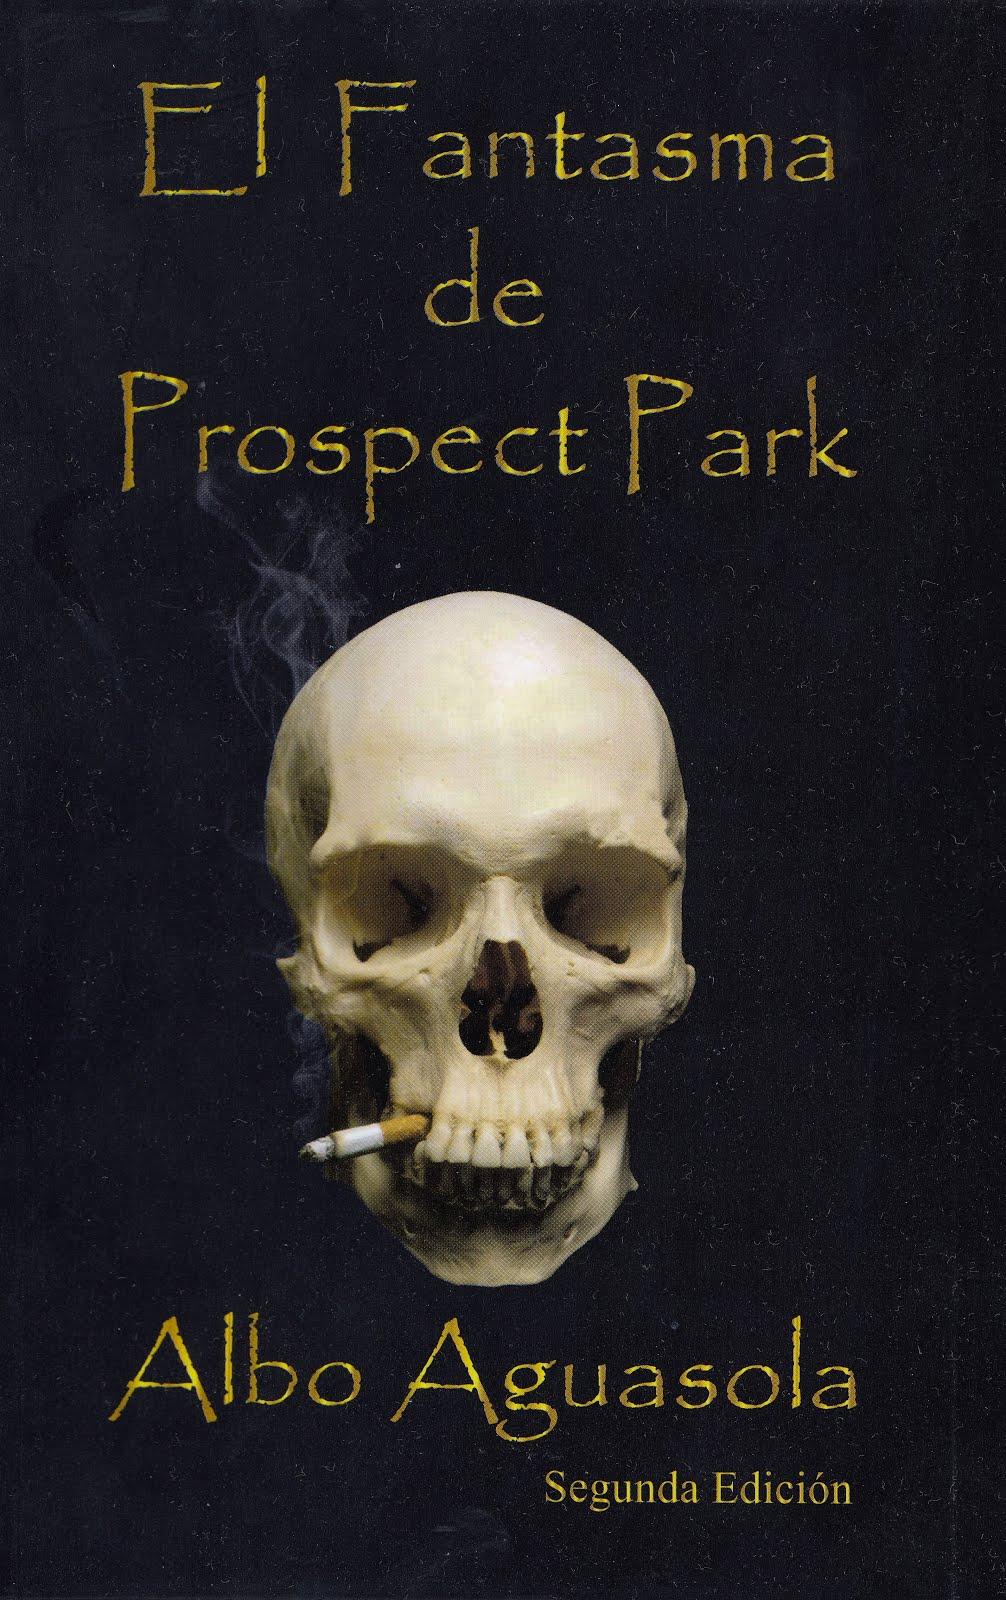 El fantasma de Prospect Park